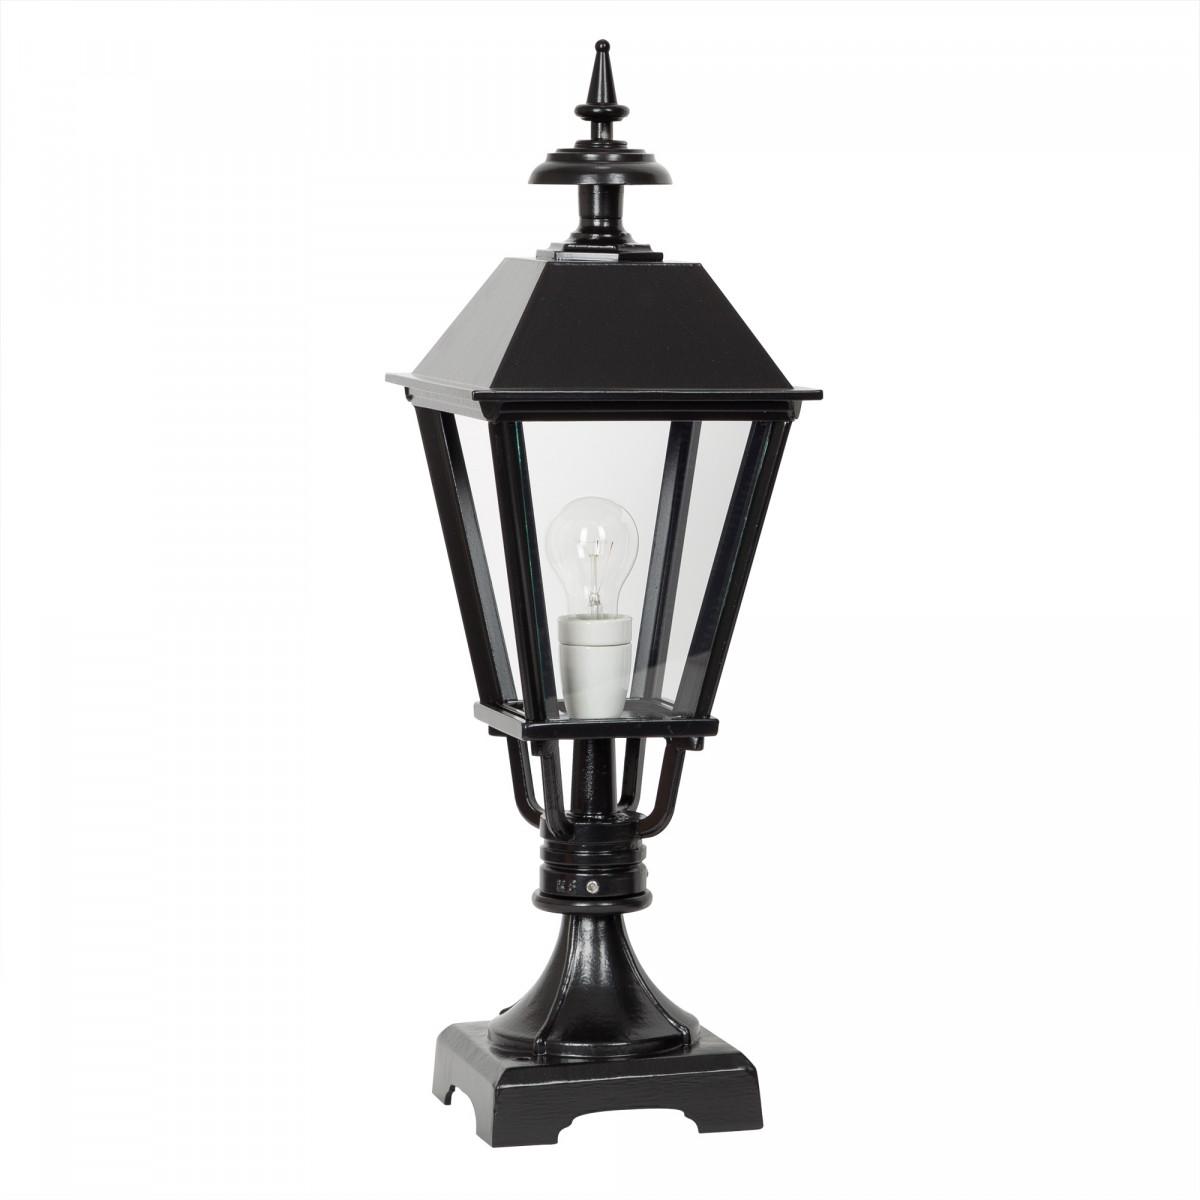 tuinverlichting klassiek Chester tuinlamp terras verlichting lantaarnpaal sokkellamp ook geschikt als lichtzuil op een poer buitenverlichting van KS Verlichting